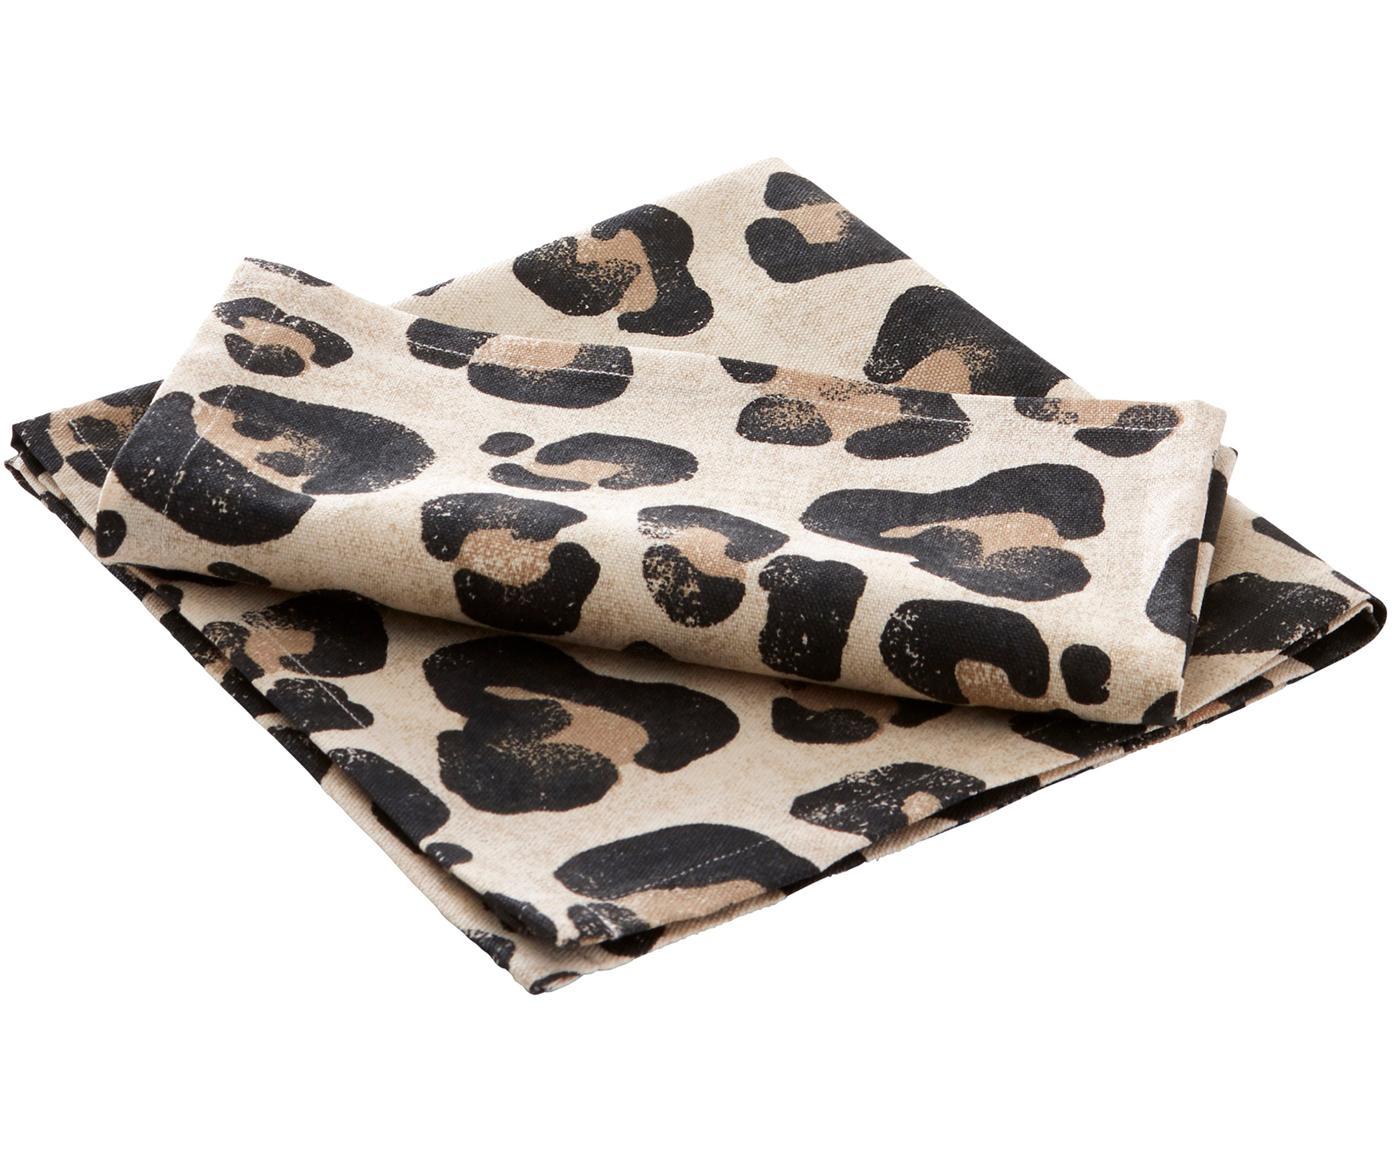 Katoenen servetten Jill met luipaarden-print, 2 stuks, Katoen, Beige, zwart, 45 x 45 cm